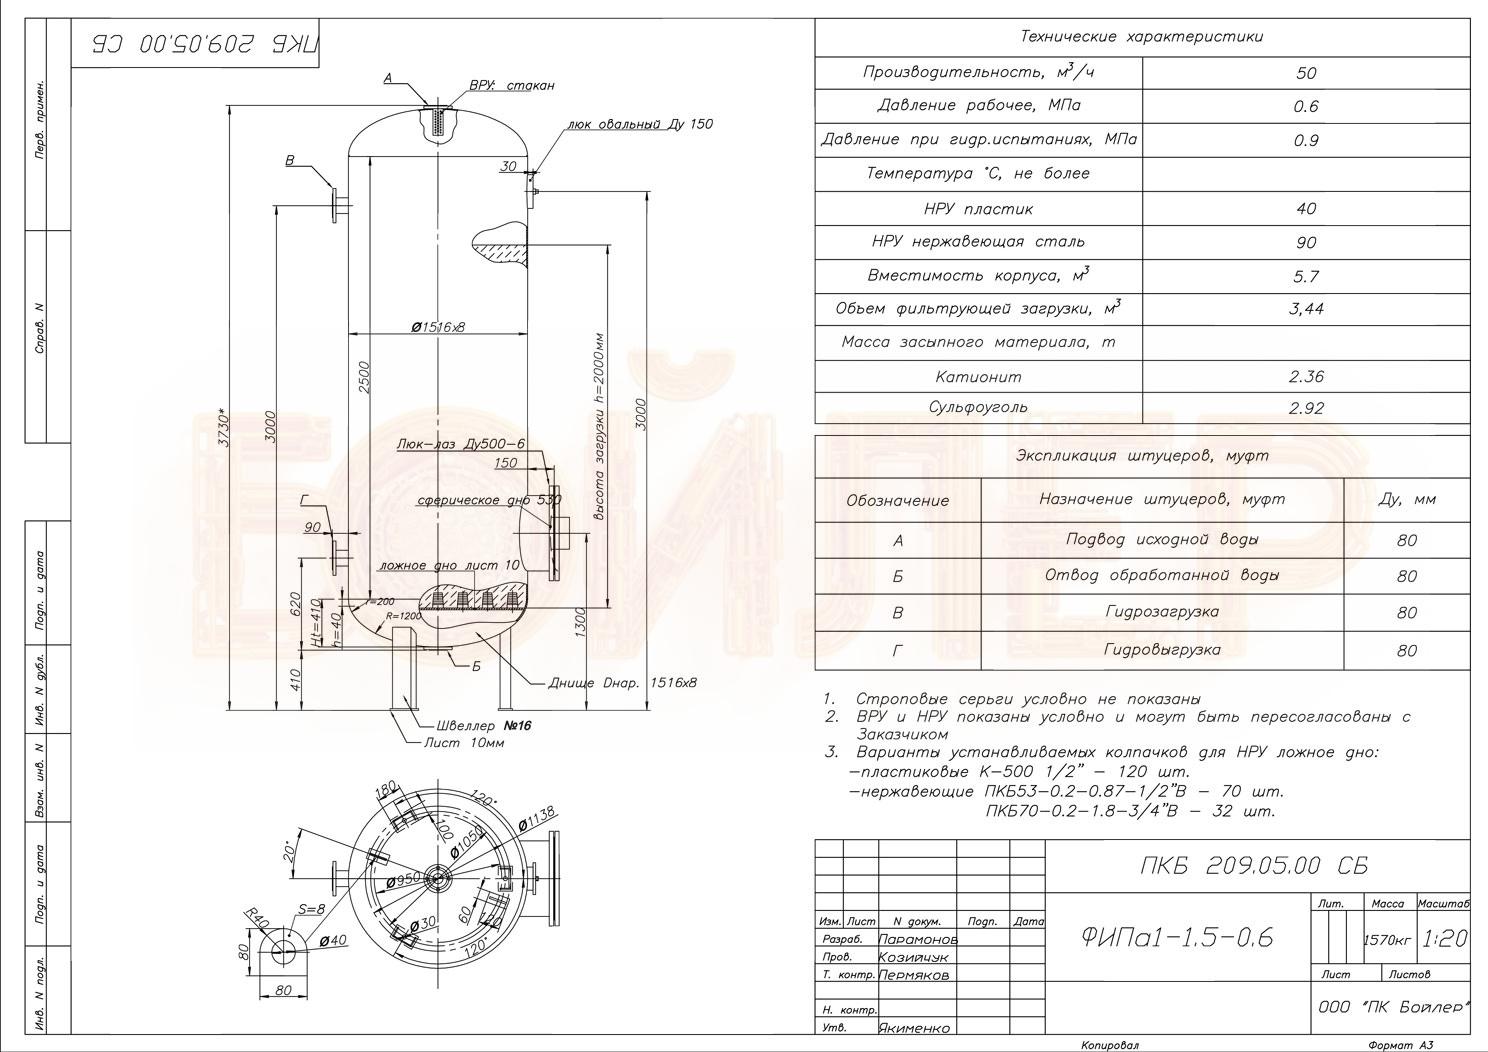 Пароводяной подогреватель ПП 1-32-7-4 Электросталь Пластинчатый теплообменник Sondex S52 Нижний Тагил